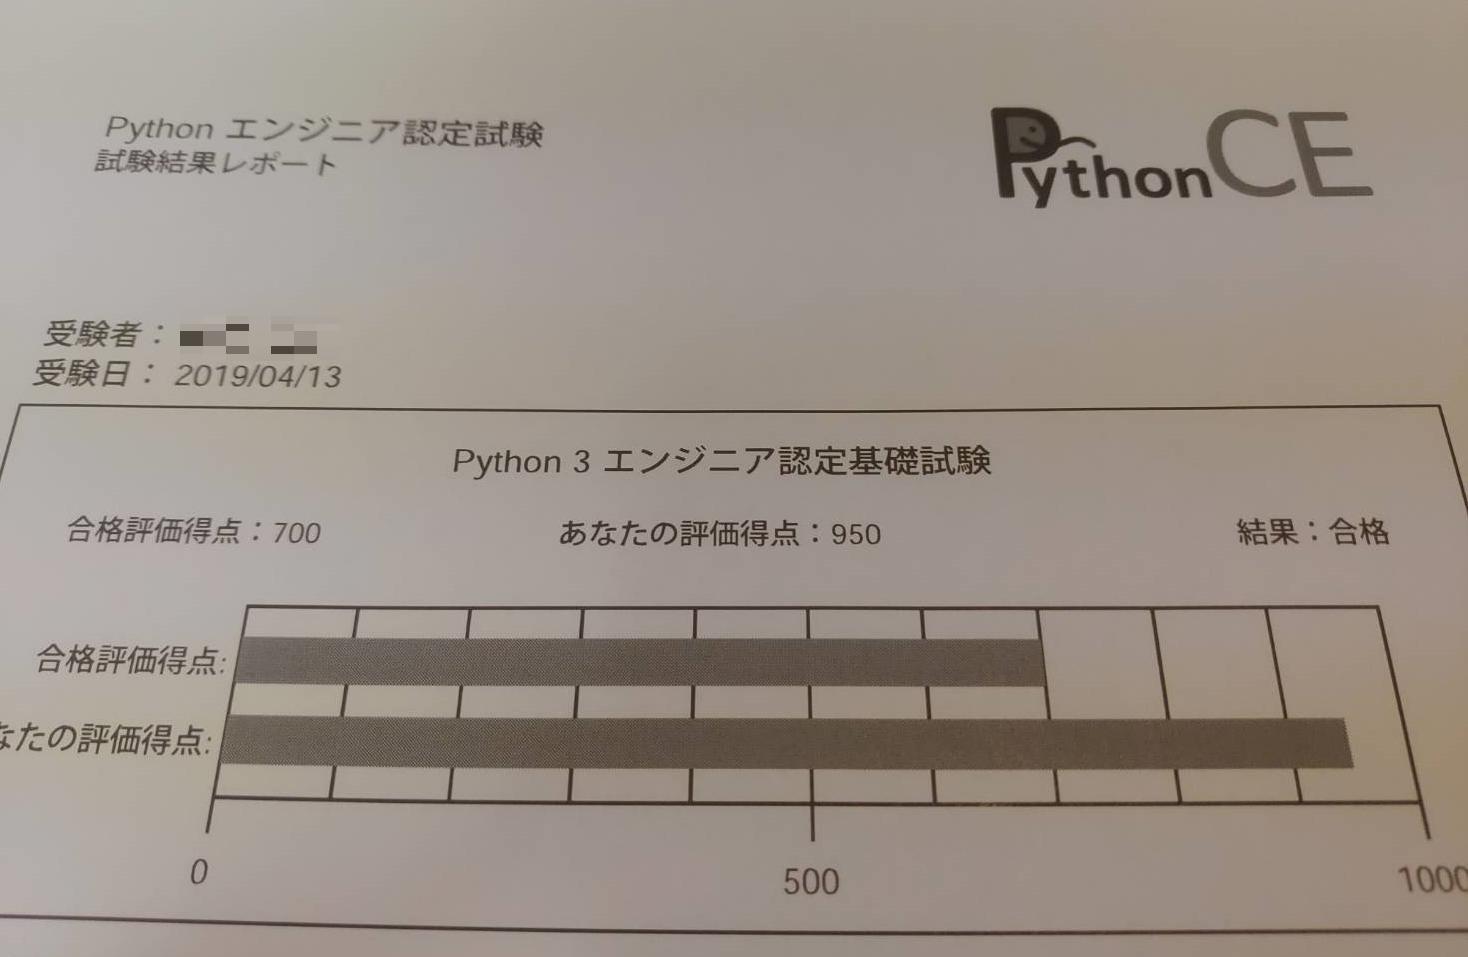 エンジニア 試験 python3 認定 基礎 Python試験